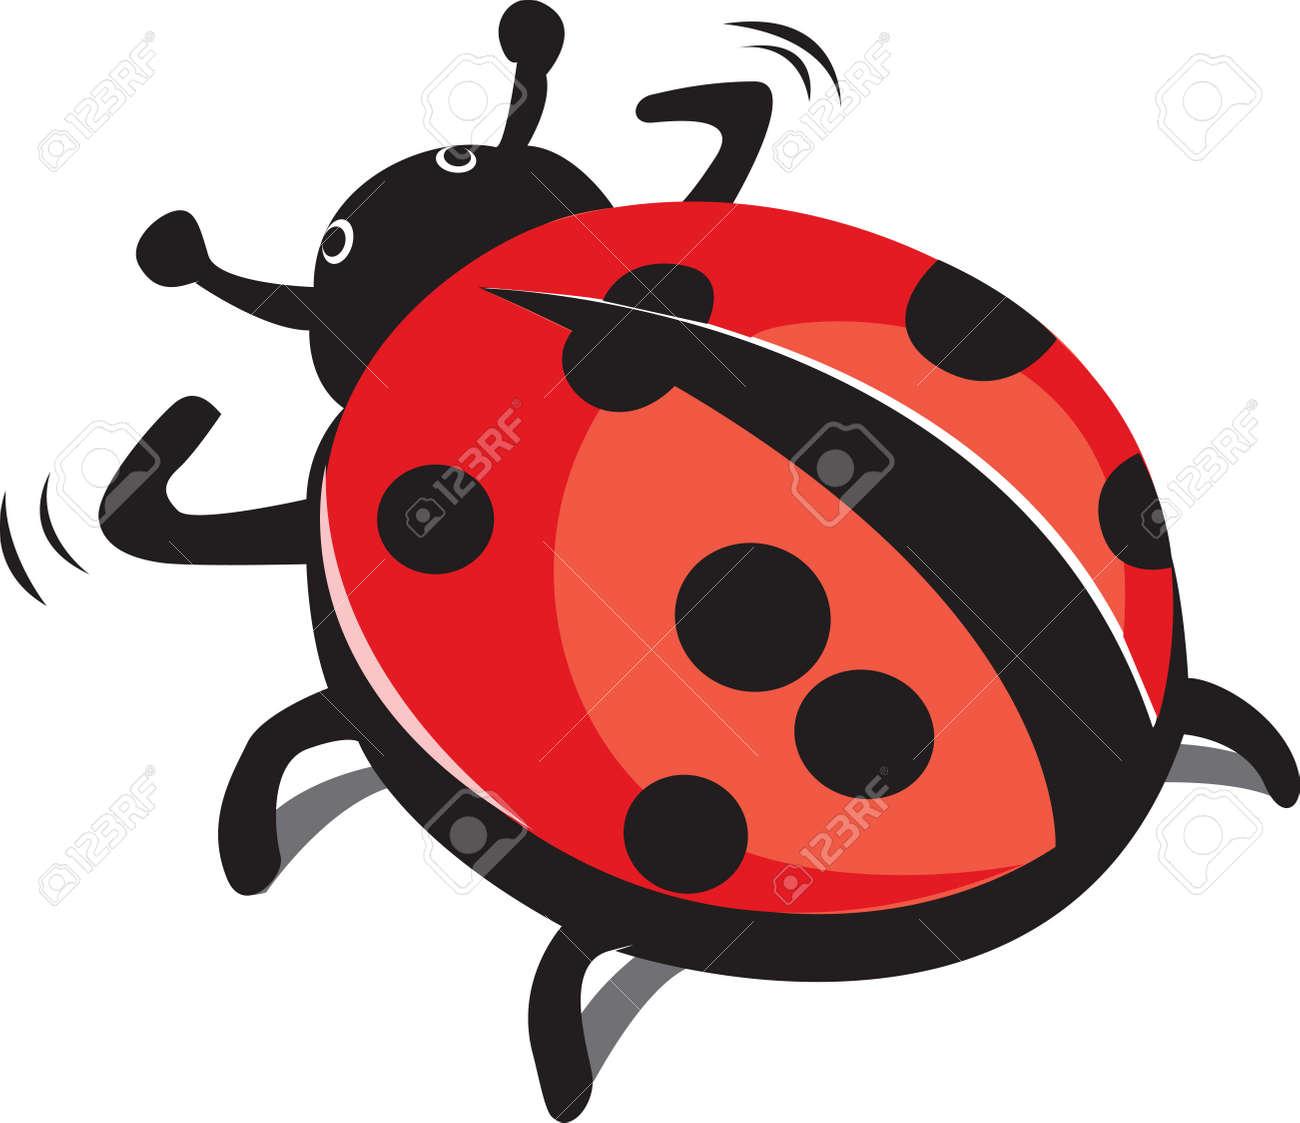 Ladybug Stock Vector - 16908850